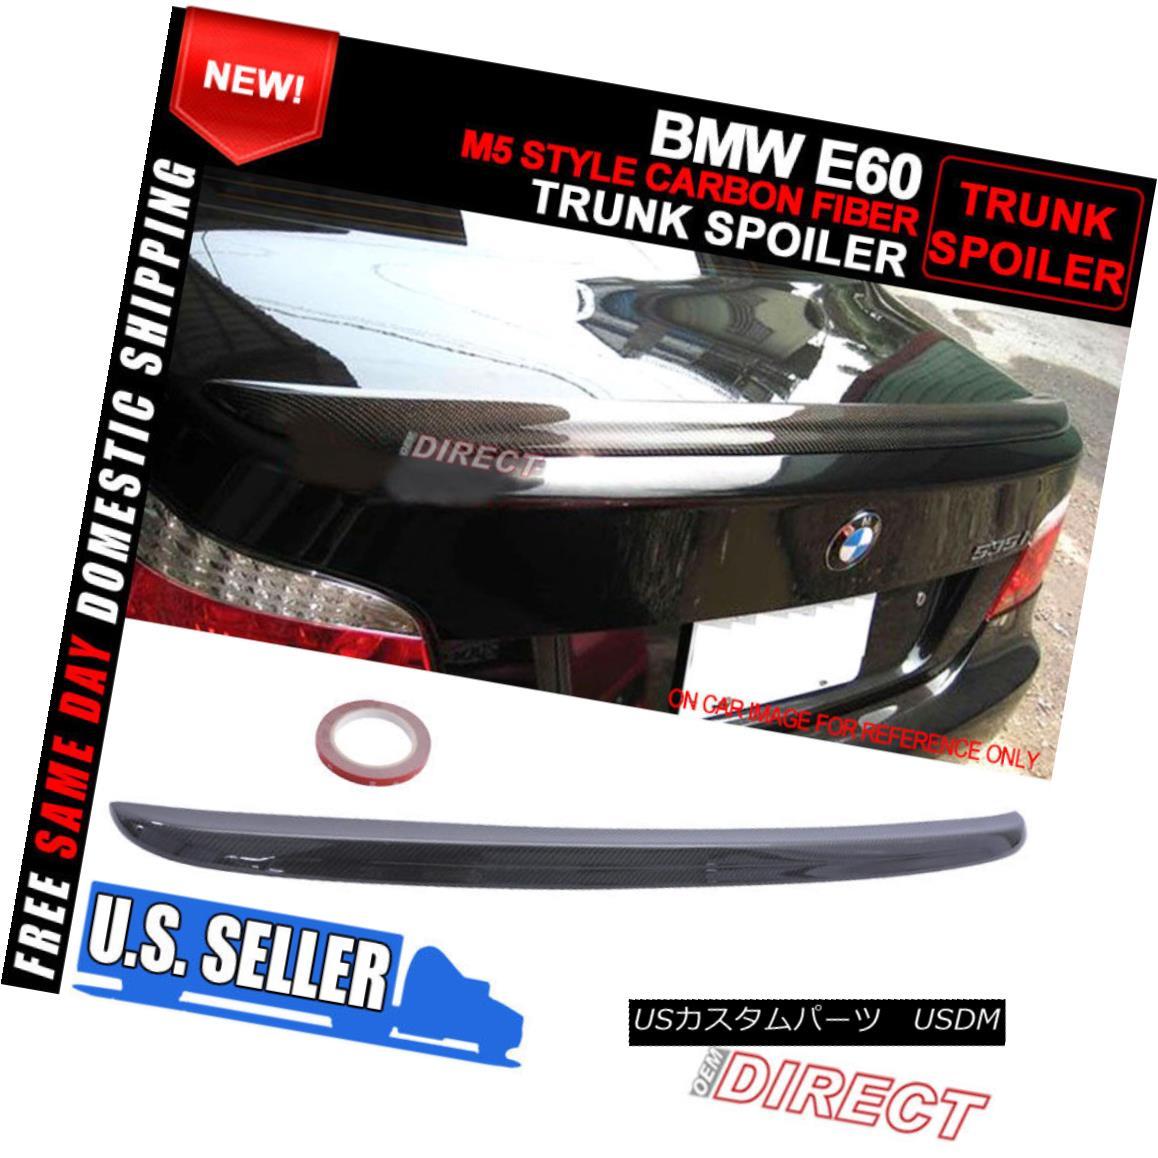 エアロパーツ 04-10 BMW 5 Series E60 4Dr M5 Style Carbon Fiber Trunk Spoiler (CF) 04-10 BMW 5シリーズE60 4Dr M5スタイルカーボンファイバートランク・スポイラー(CF)